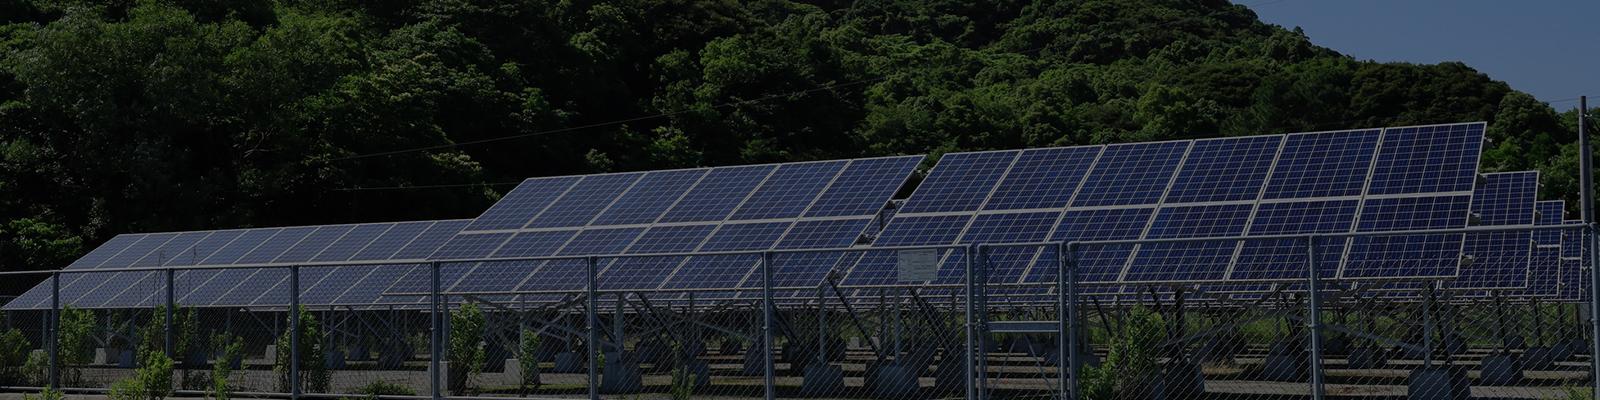 自家消費型太陽光発電BCPに繋がるメリットとデメリットを解説